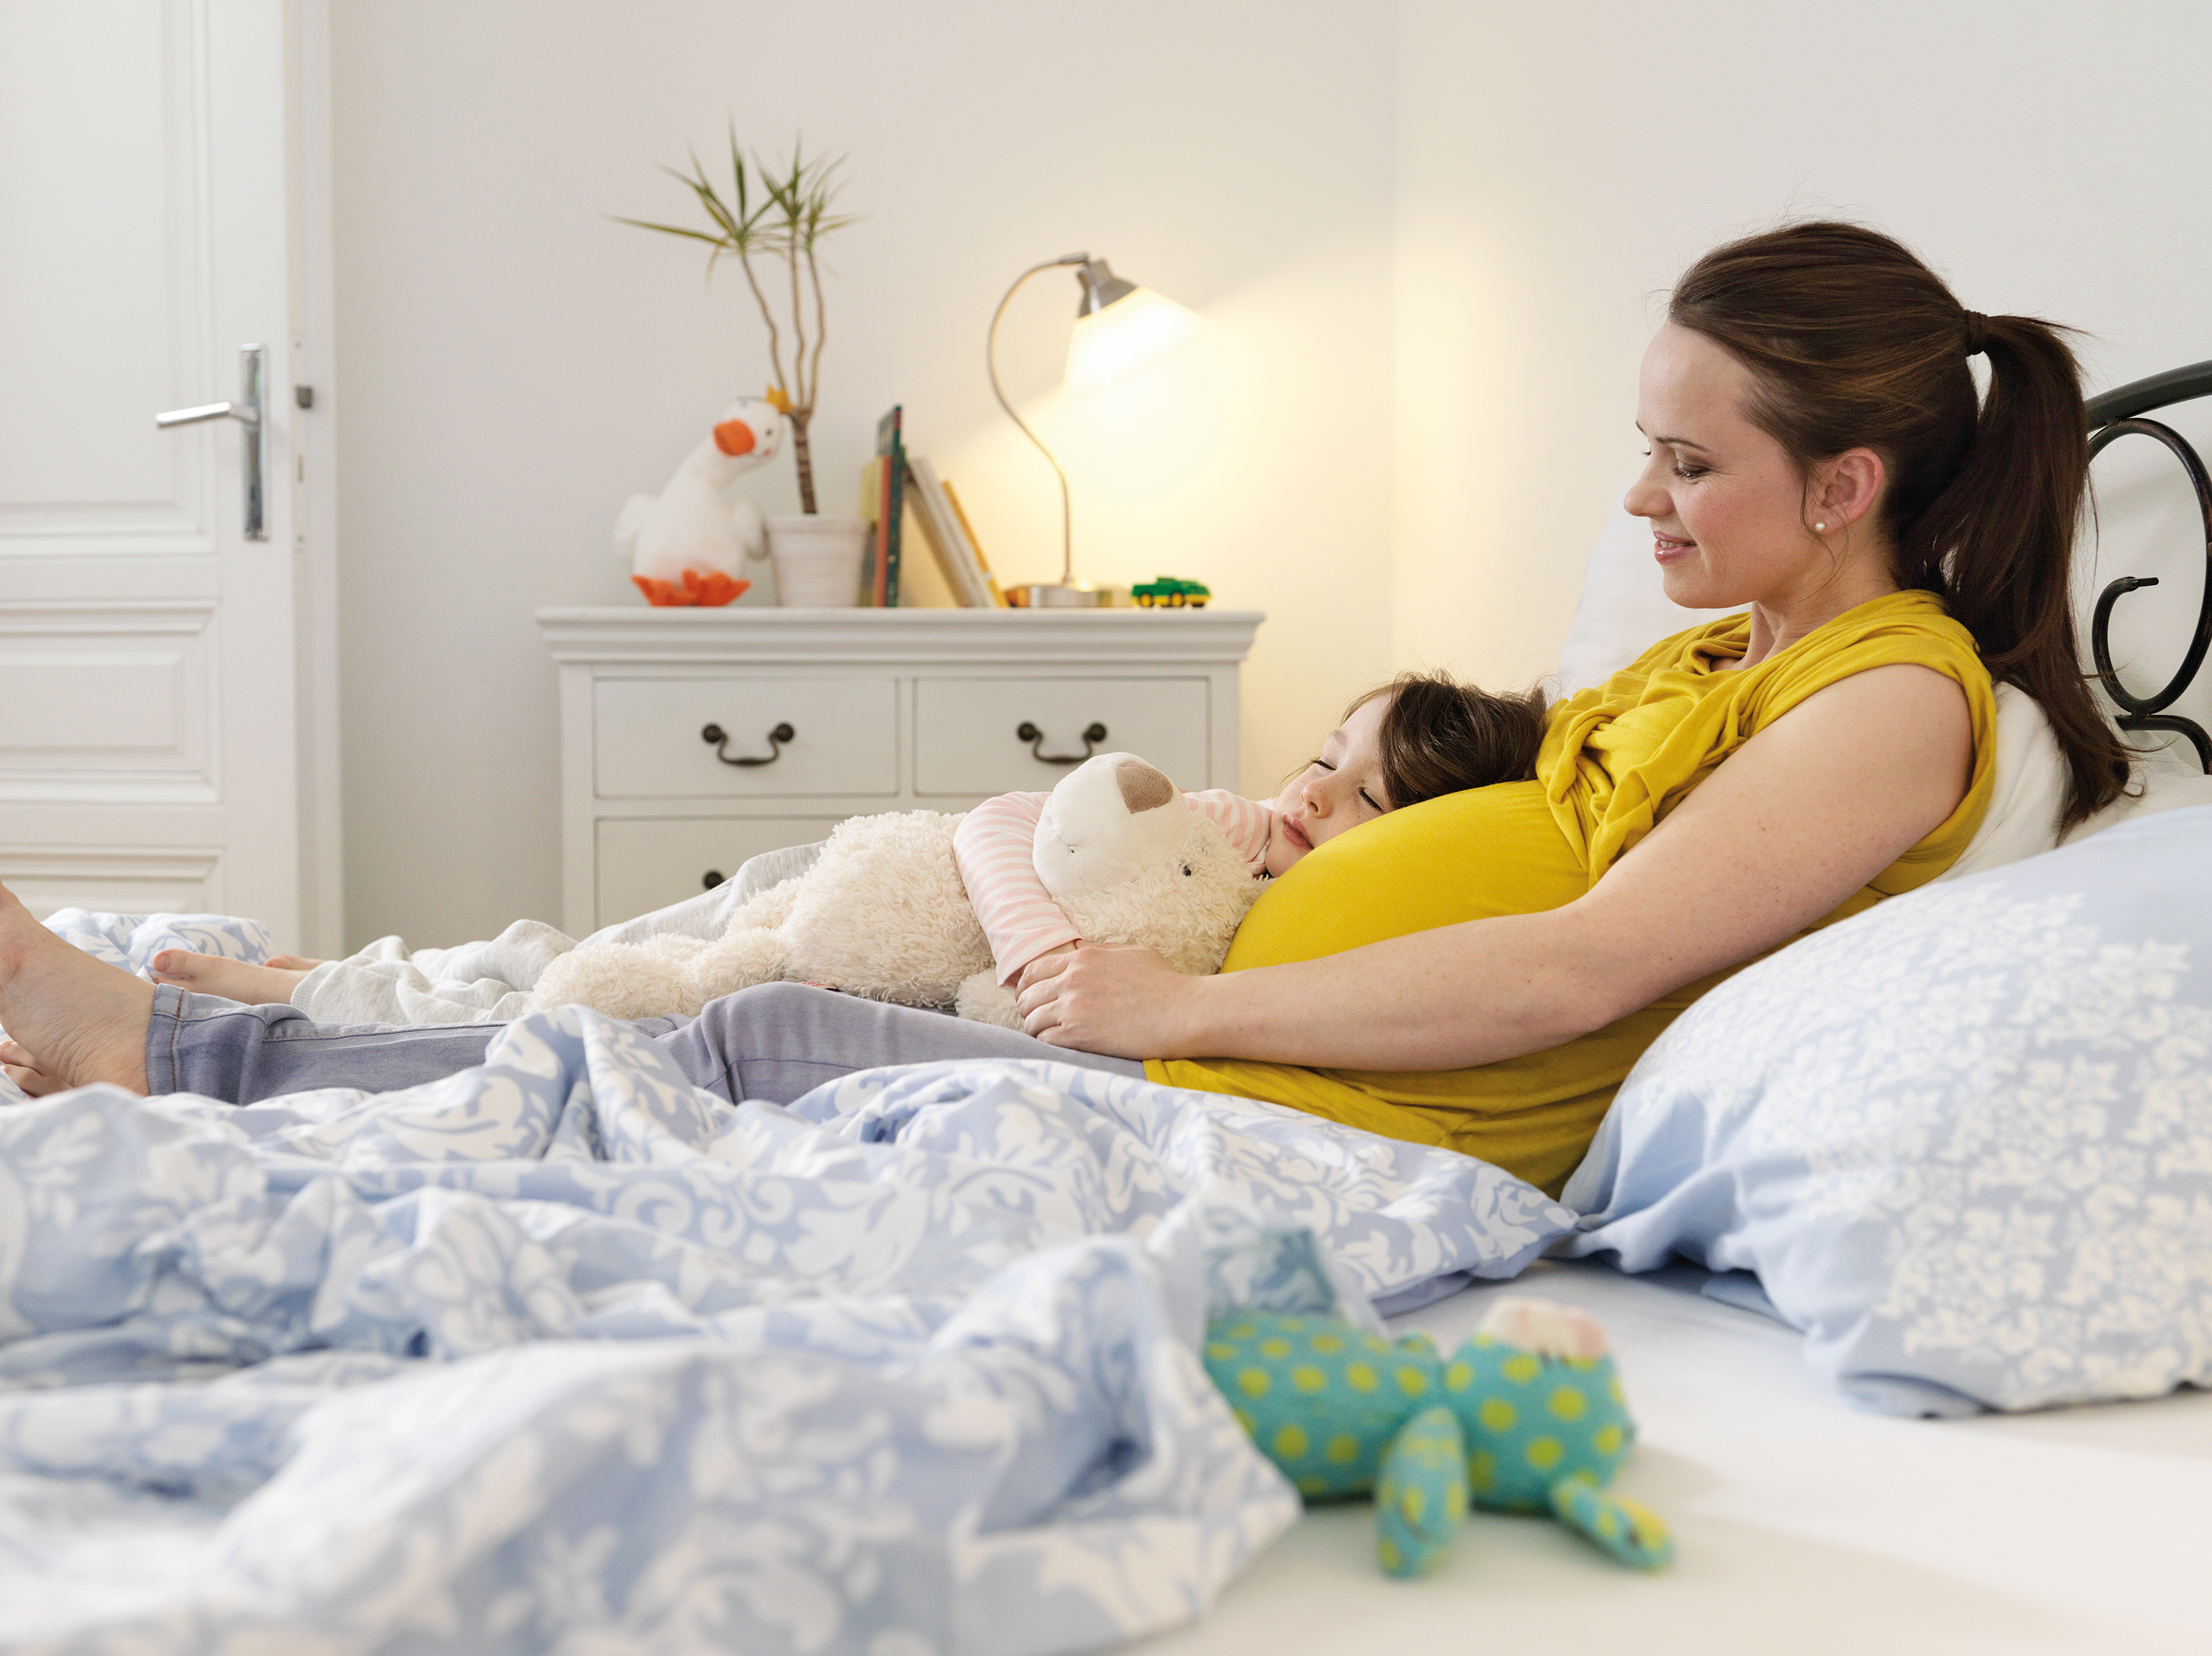 Dunkelhaarige, schwangere Frau mit Kleinkind und Kuscheltier auf einem Bett